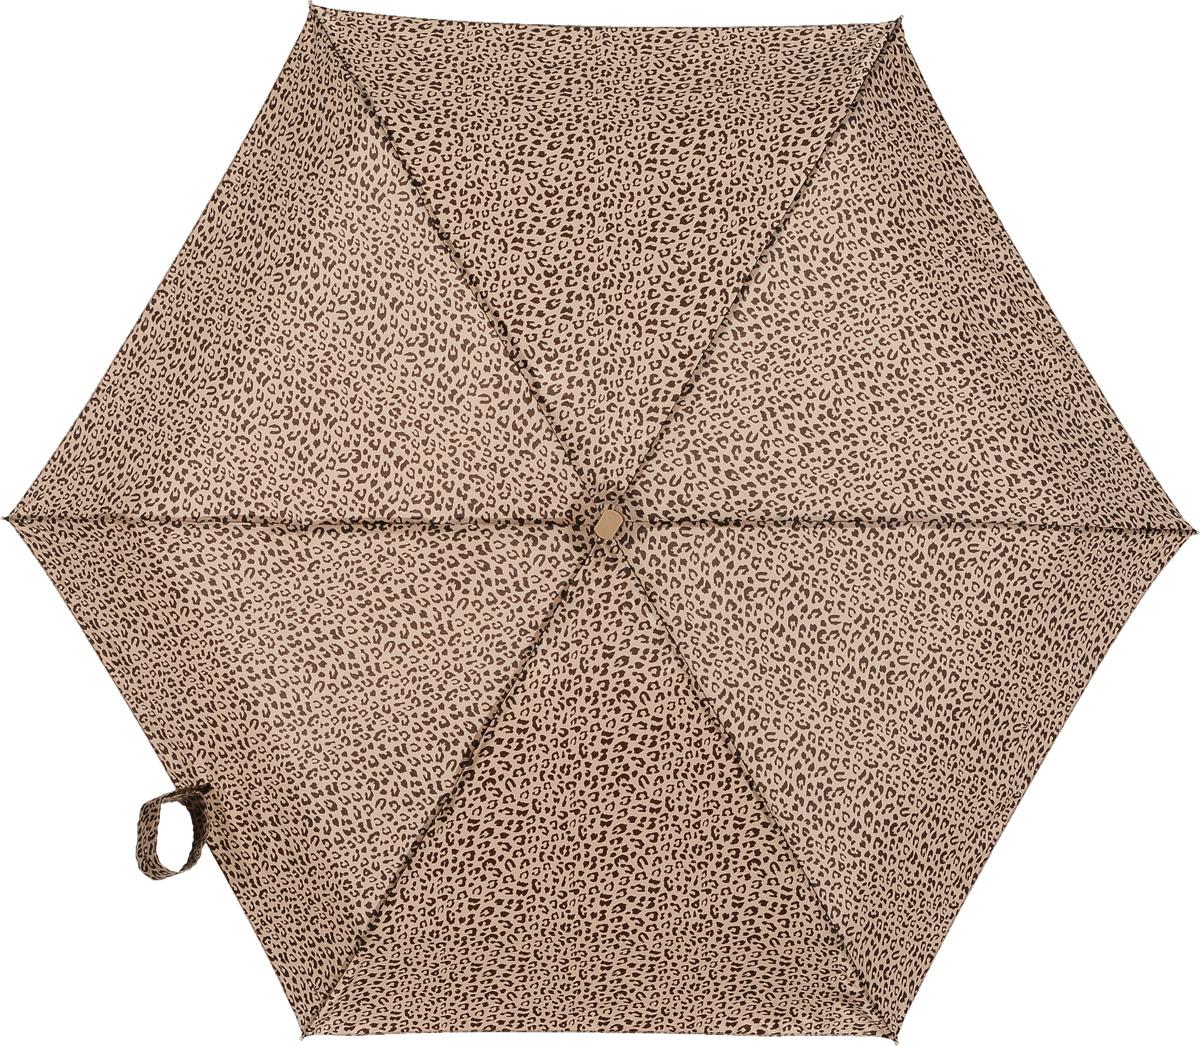 Зонт женский механика Fulton, расцветка: леопард. L501-2746 LeoL501-2746 LeoПрочный, необыкновенно компактный зонт, который с легкостью поместится в маленькую сумочку. Удобный плоский чехол. Облегченный алюминиевый каркас с элементами из фибергласса. Ветроустойчивая конструкция. Размеры зонта в сложенном виде 15смх6смх3см, диаметр купола 87 см.